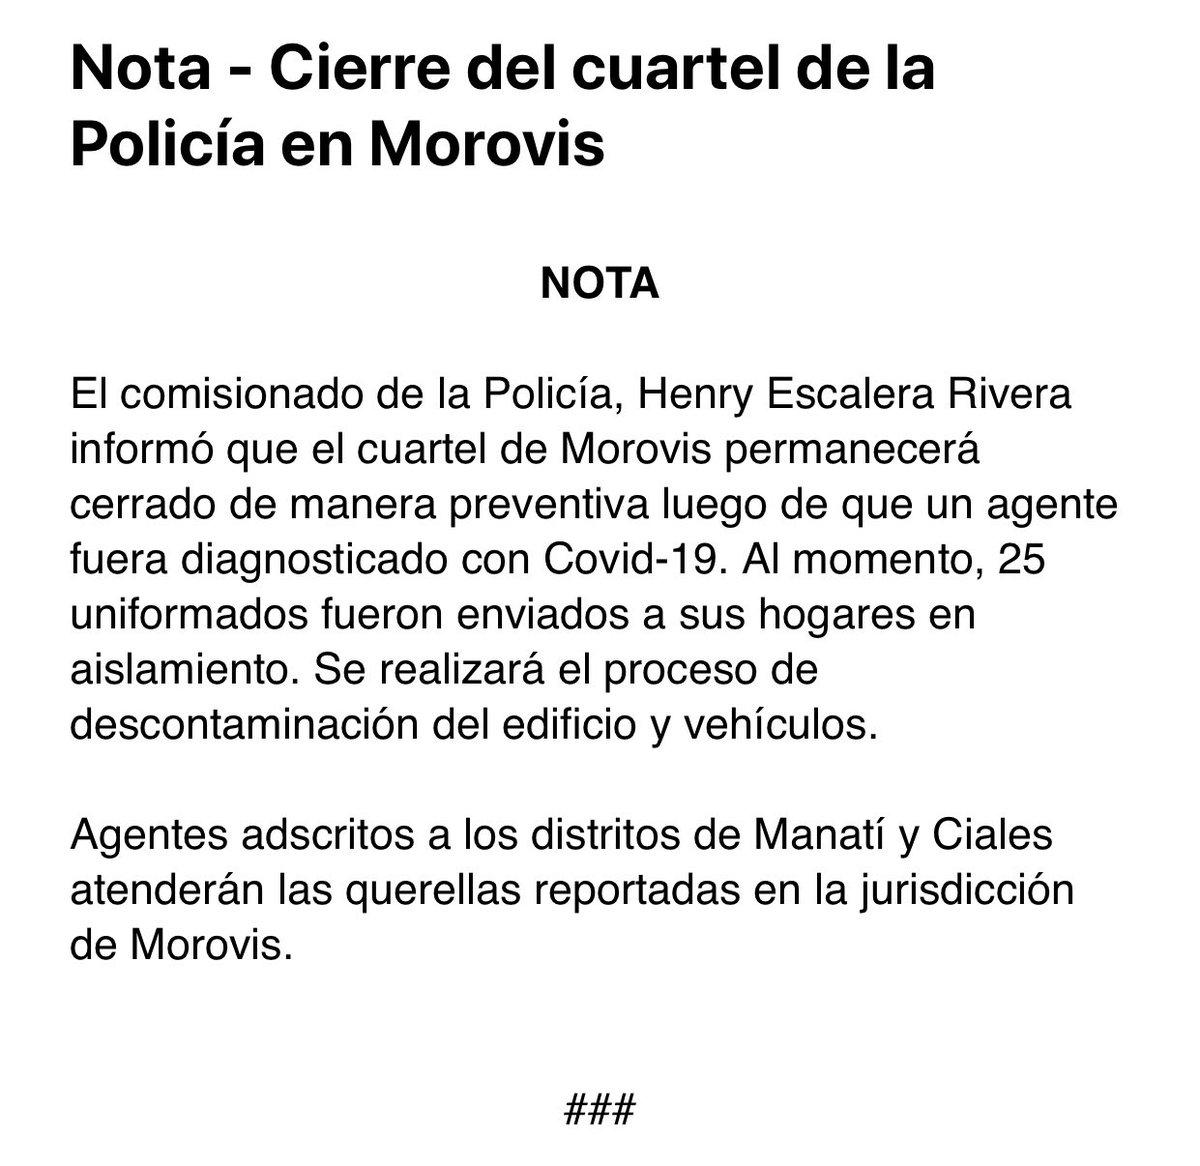 BREAKING: El comisionado de la Policía, Henry Escalera, informa que el cuartel de Morovis permanecerá cerrado de manera preventiva, luego de que un agente fuera diagnosticado con #coronavirus #COVID19. 25 uniformados fueron enviados a sus hogares en aislamiento. #PuertoRico